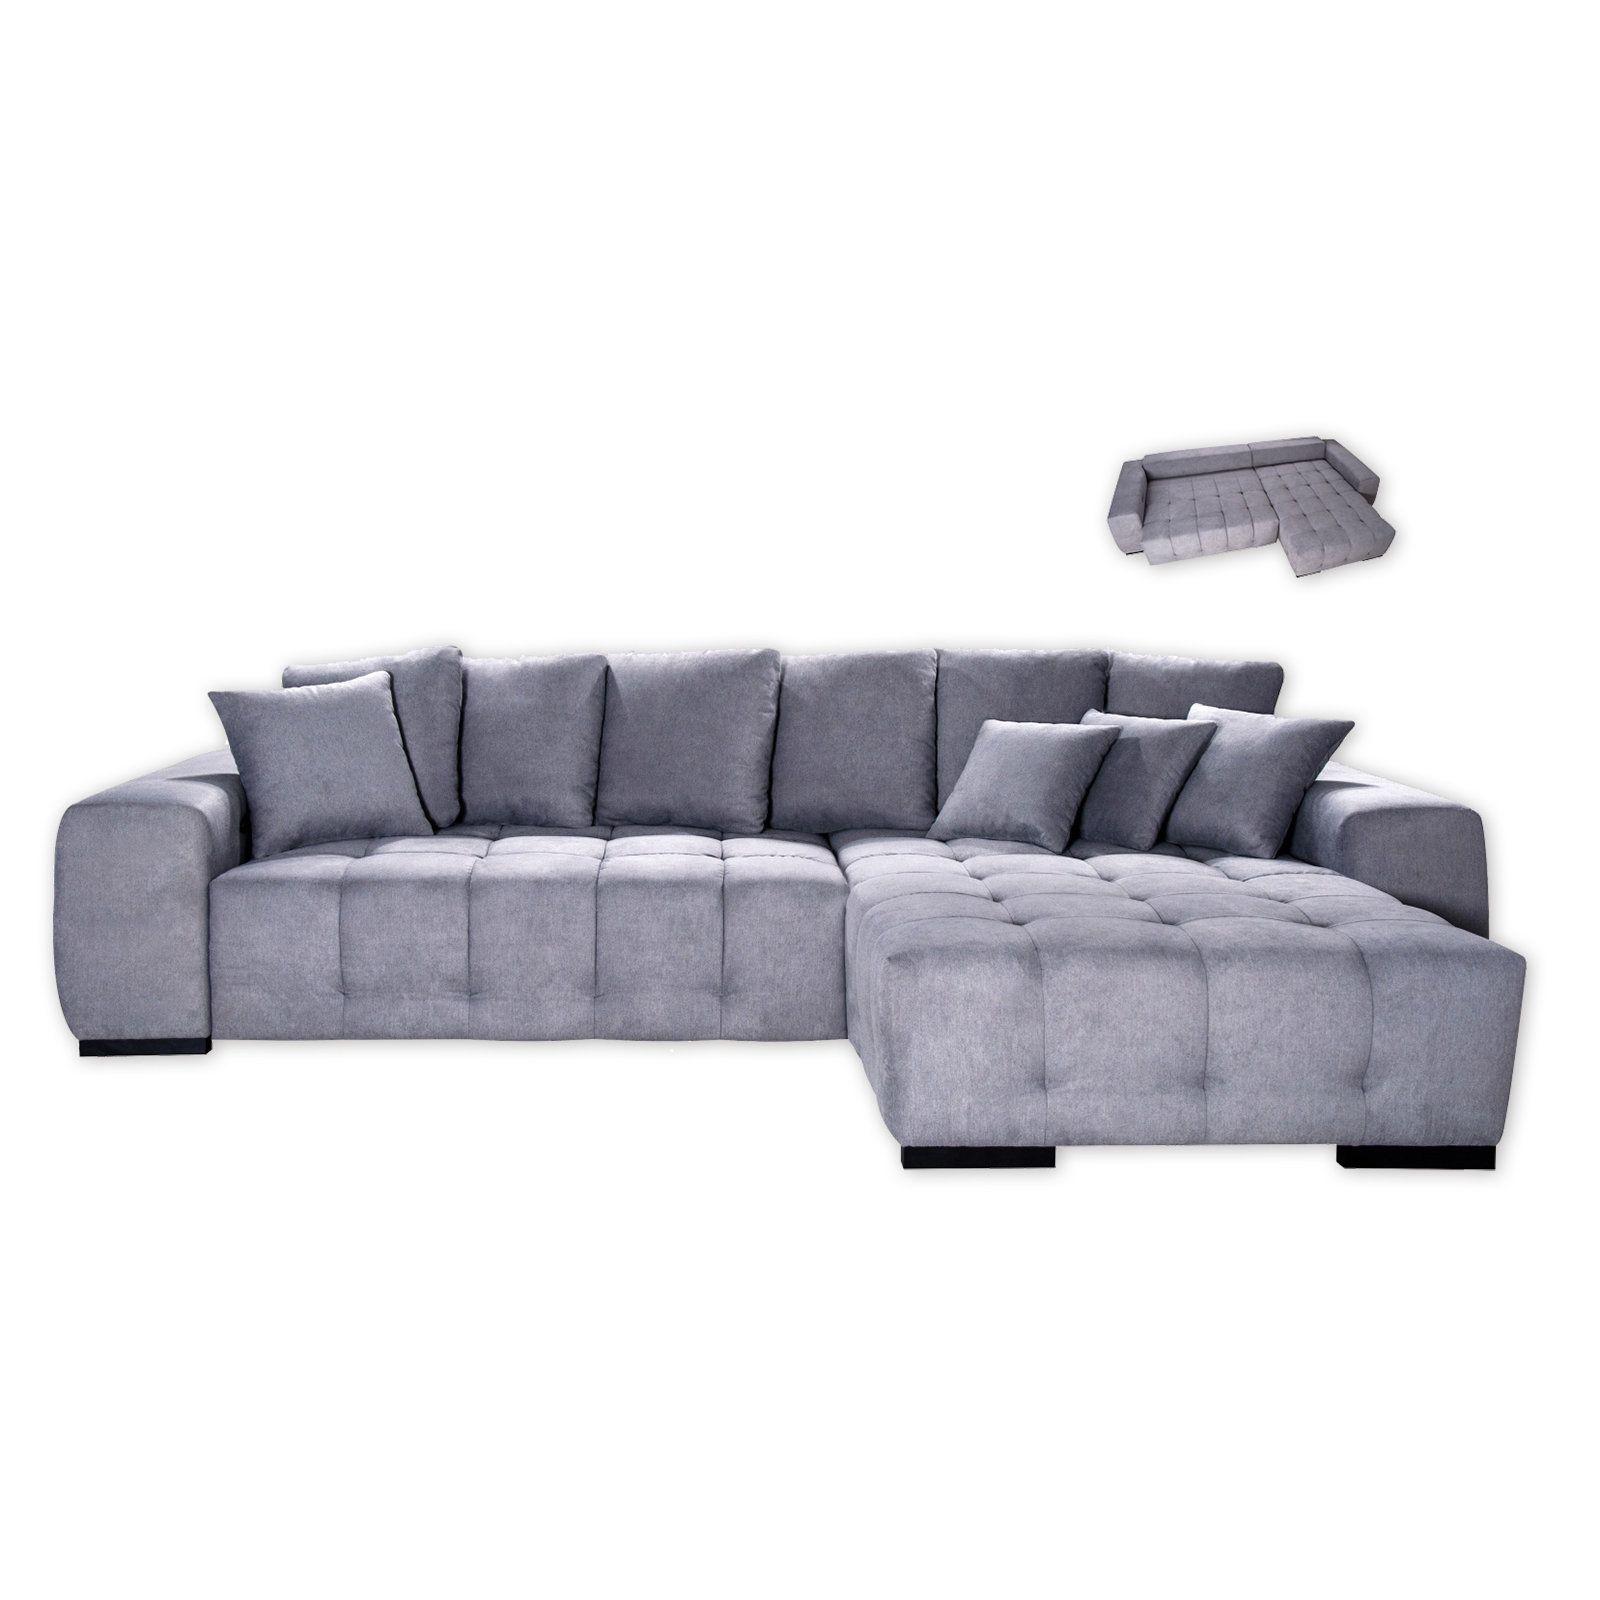 Ecksofa Hellgrau Recamiere Rechts Sitztiefenverstellung Modern Couch Couch Sofa Couch